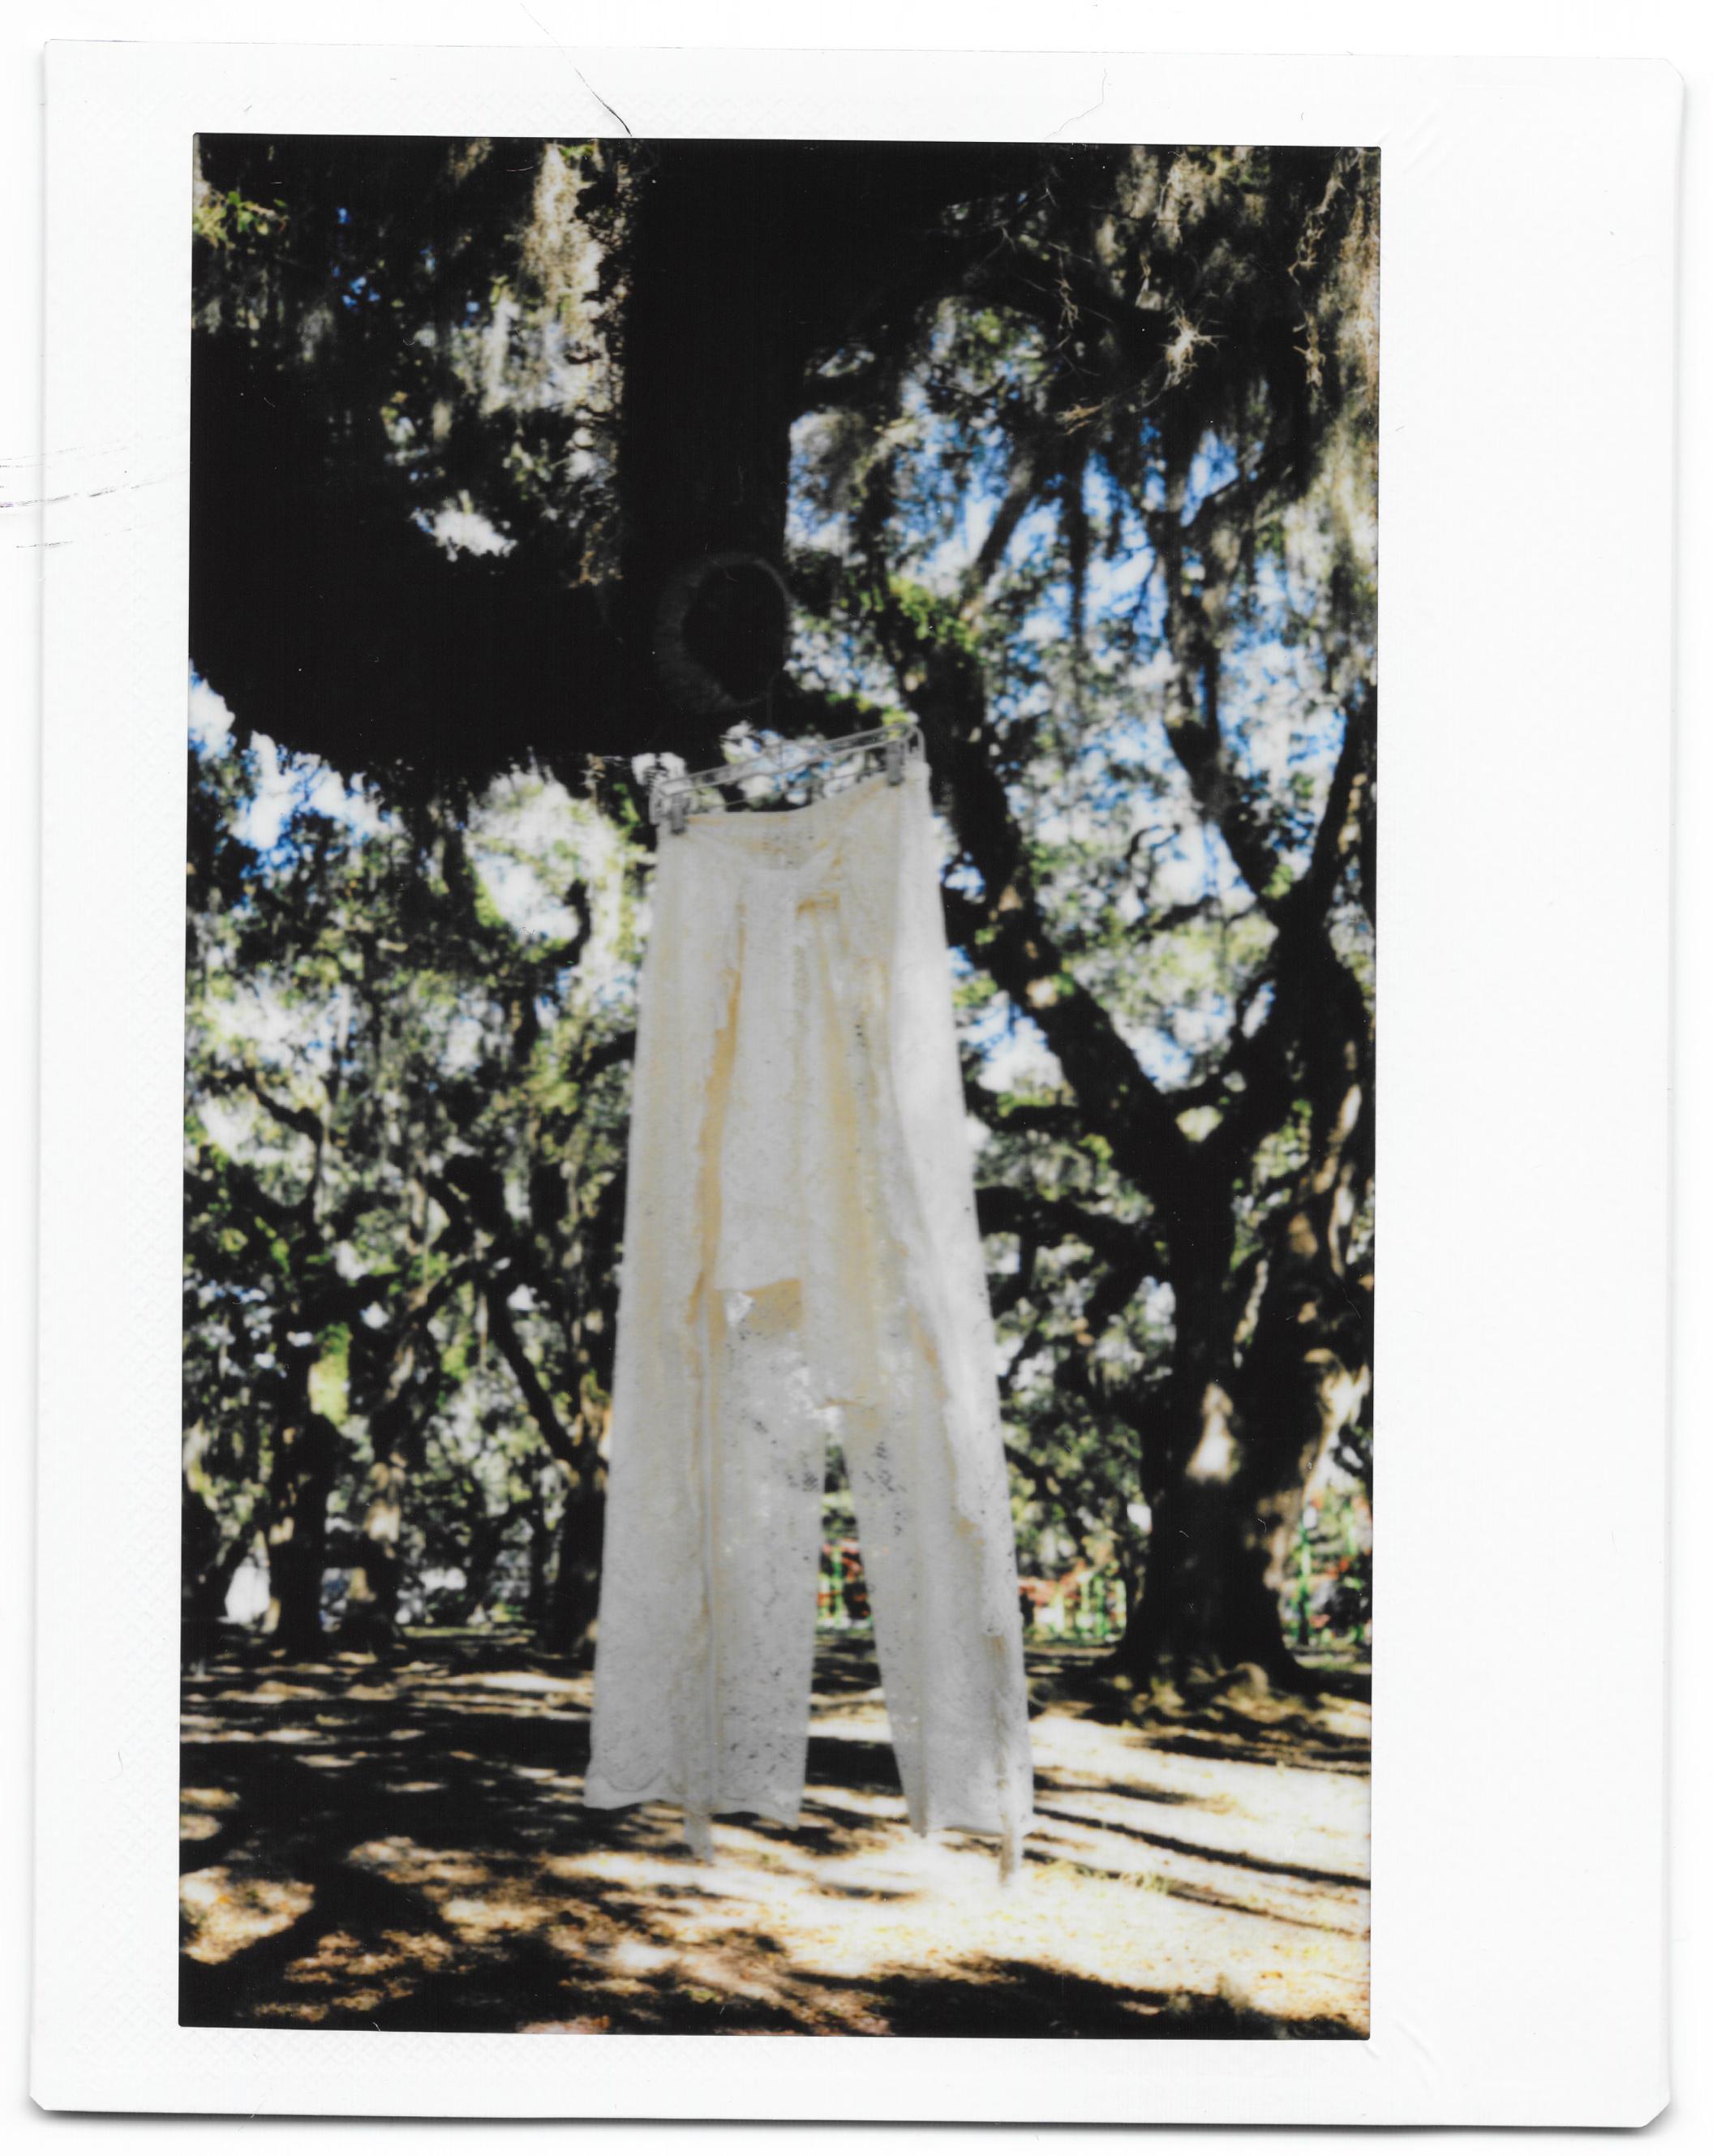 park lace pants.jpg